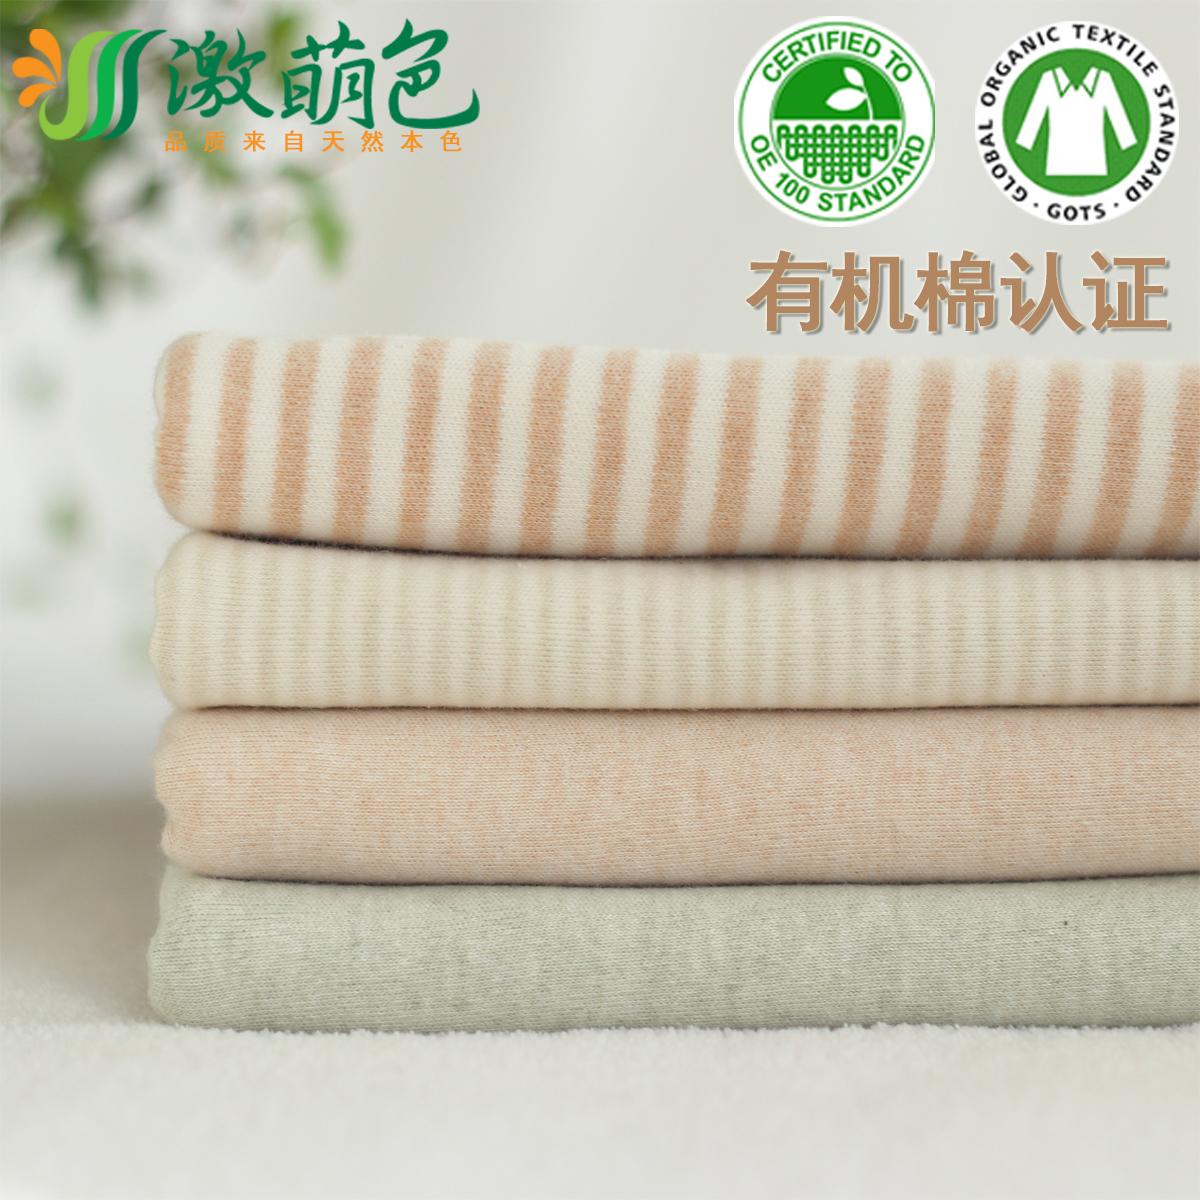 天然彩棉针织纯棉婴儿a类宝宝有机棉横条服装全棉纱弹力棉布布料